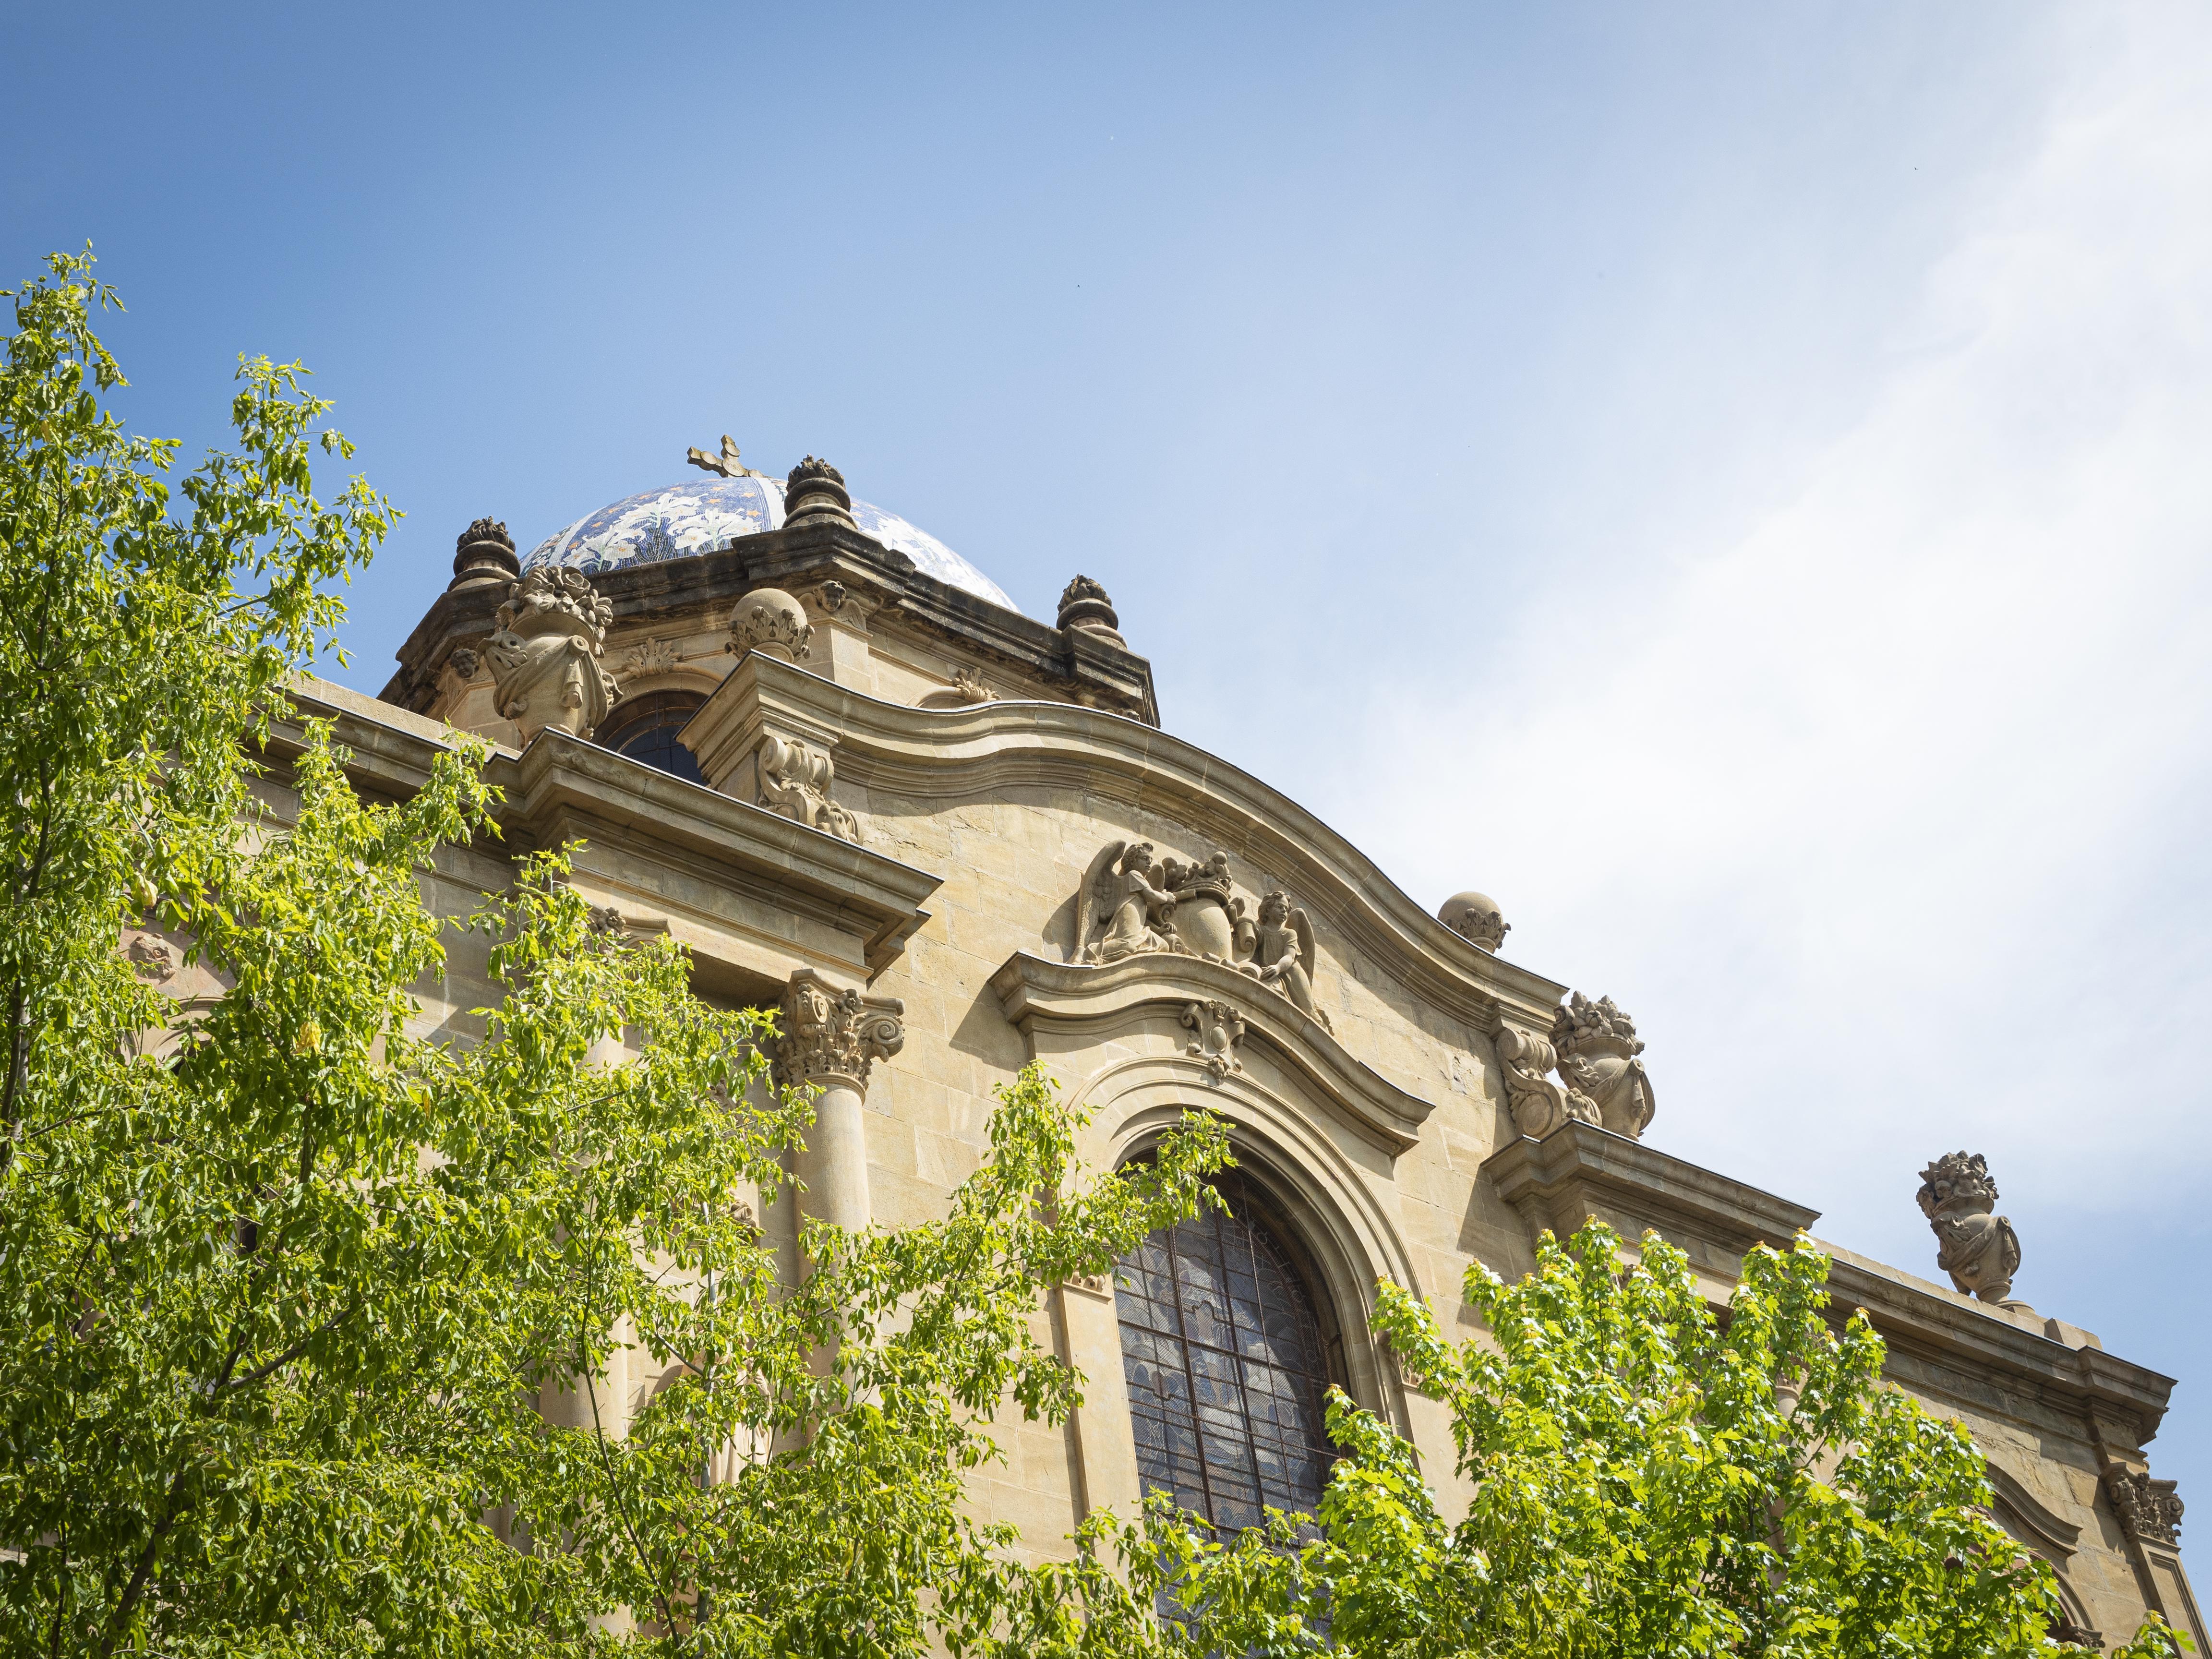 Una de les façanes de la catedral solsonina. FOTO: Anna E. Puig